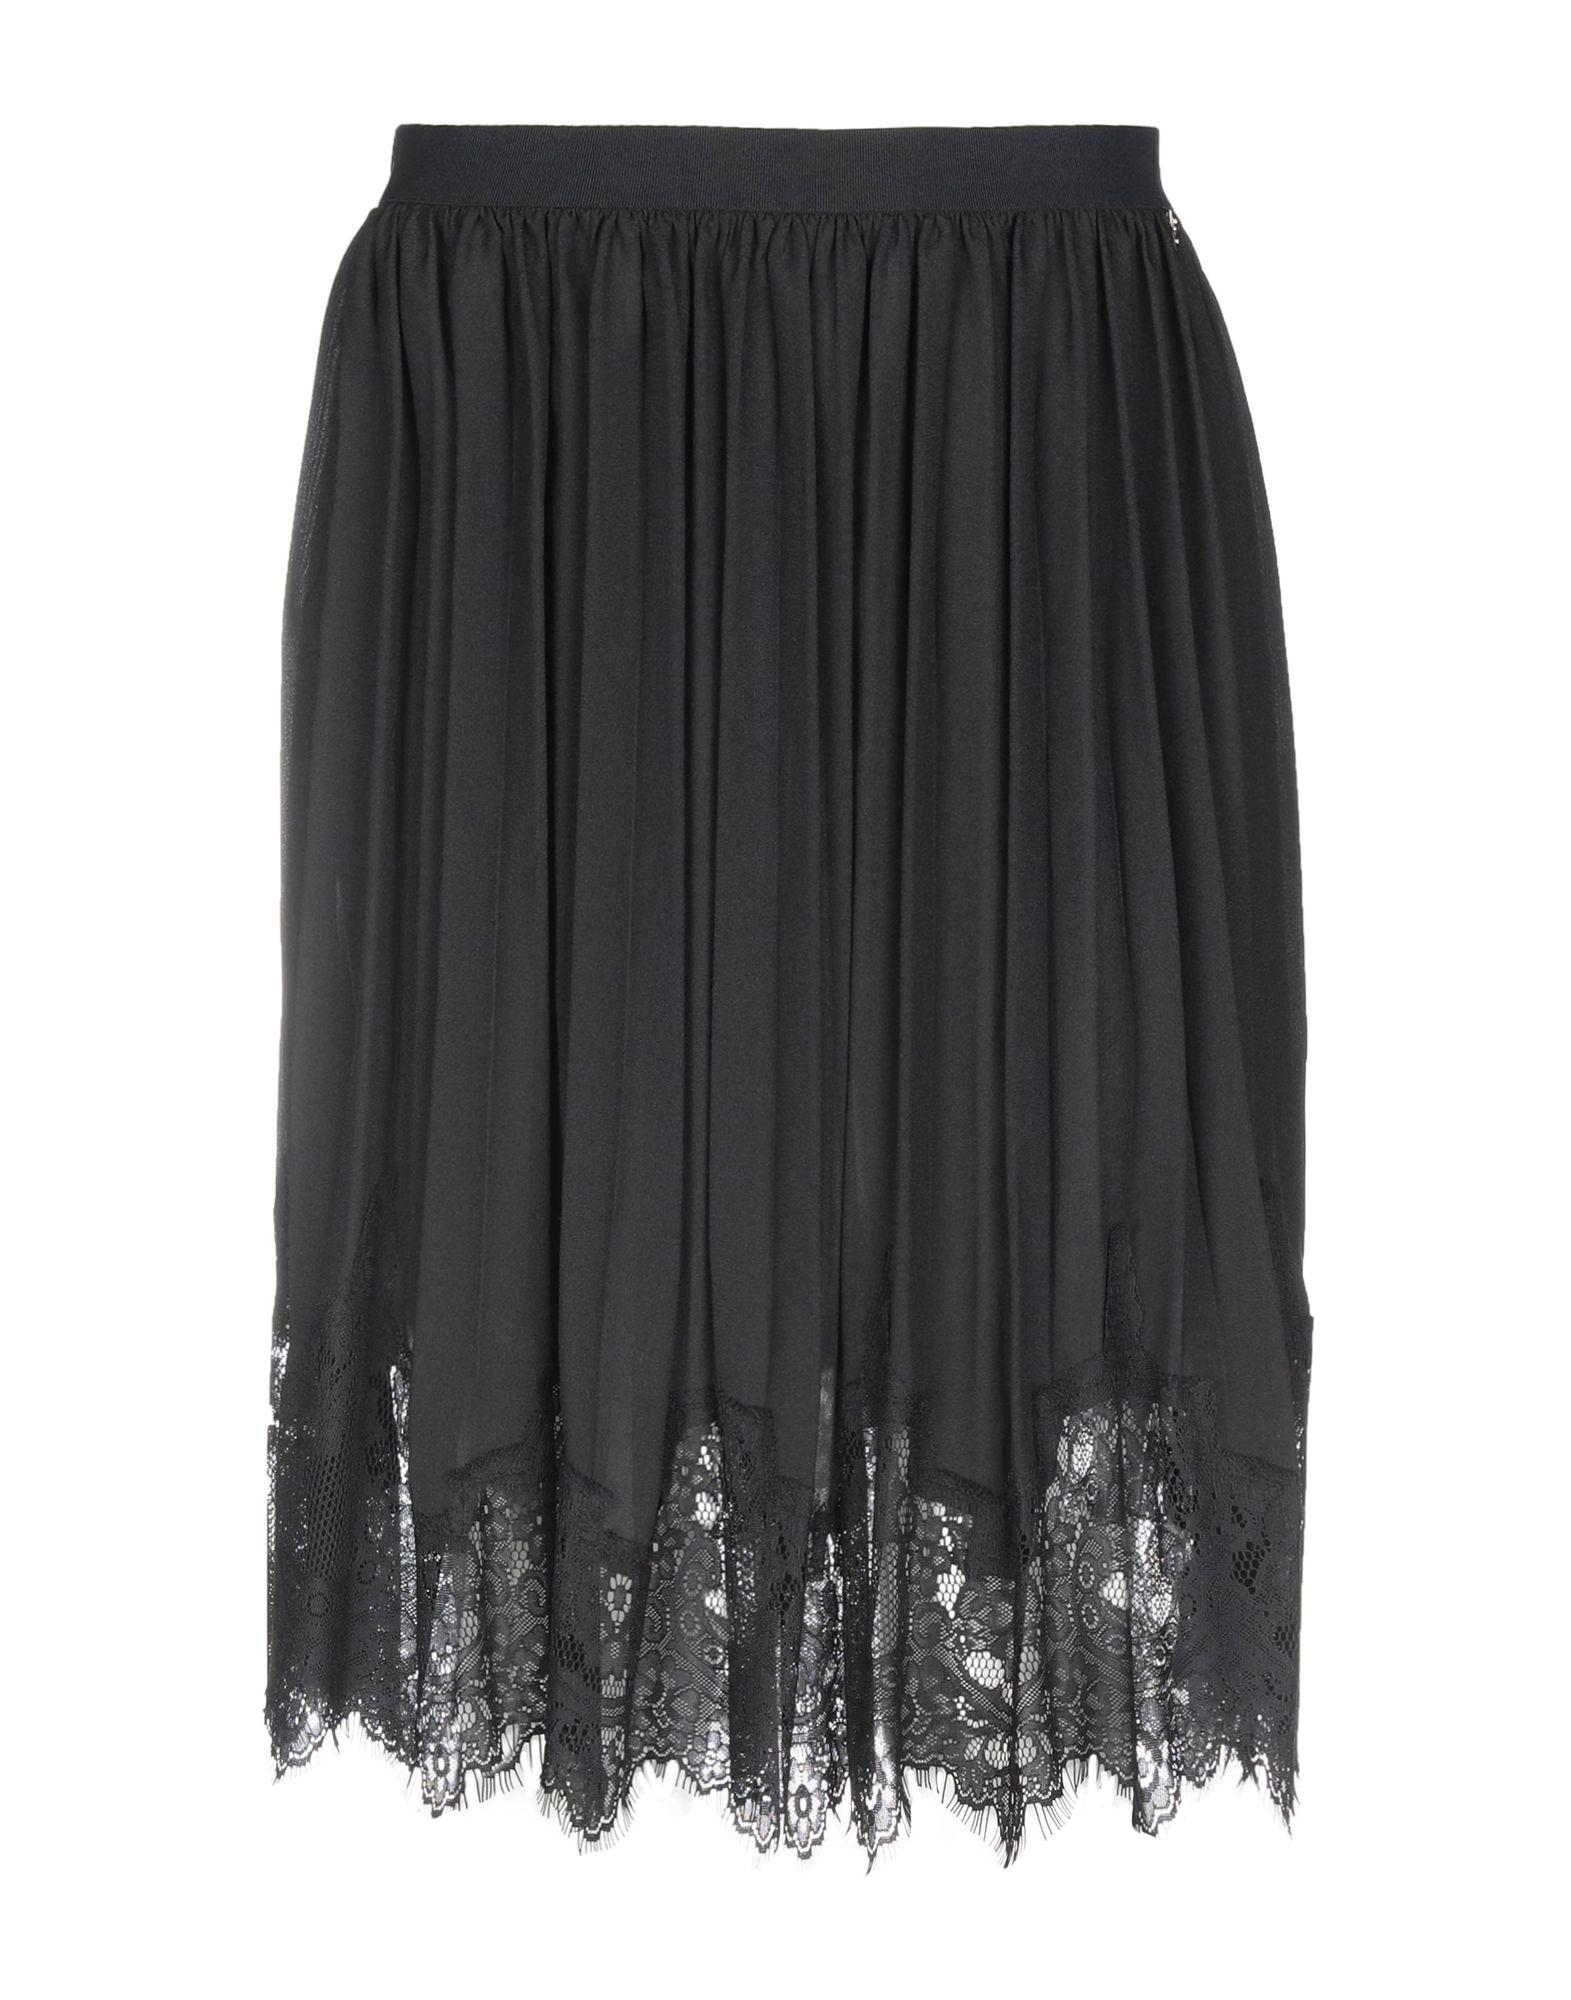 TWIN-SET LINGERIE Юбка до колена sexy black lace lingerie set with no falsies